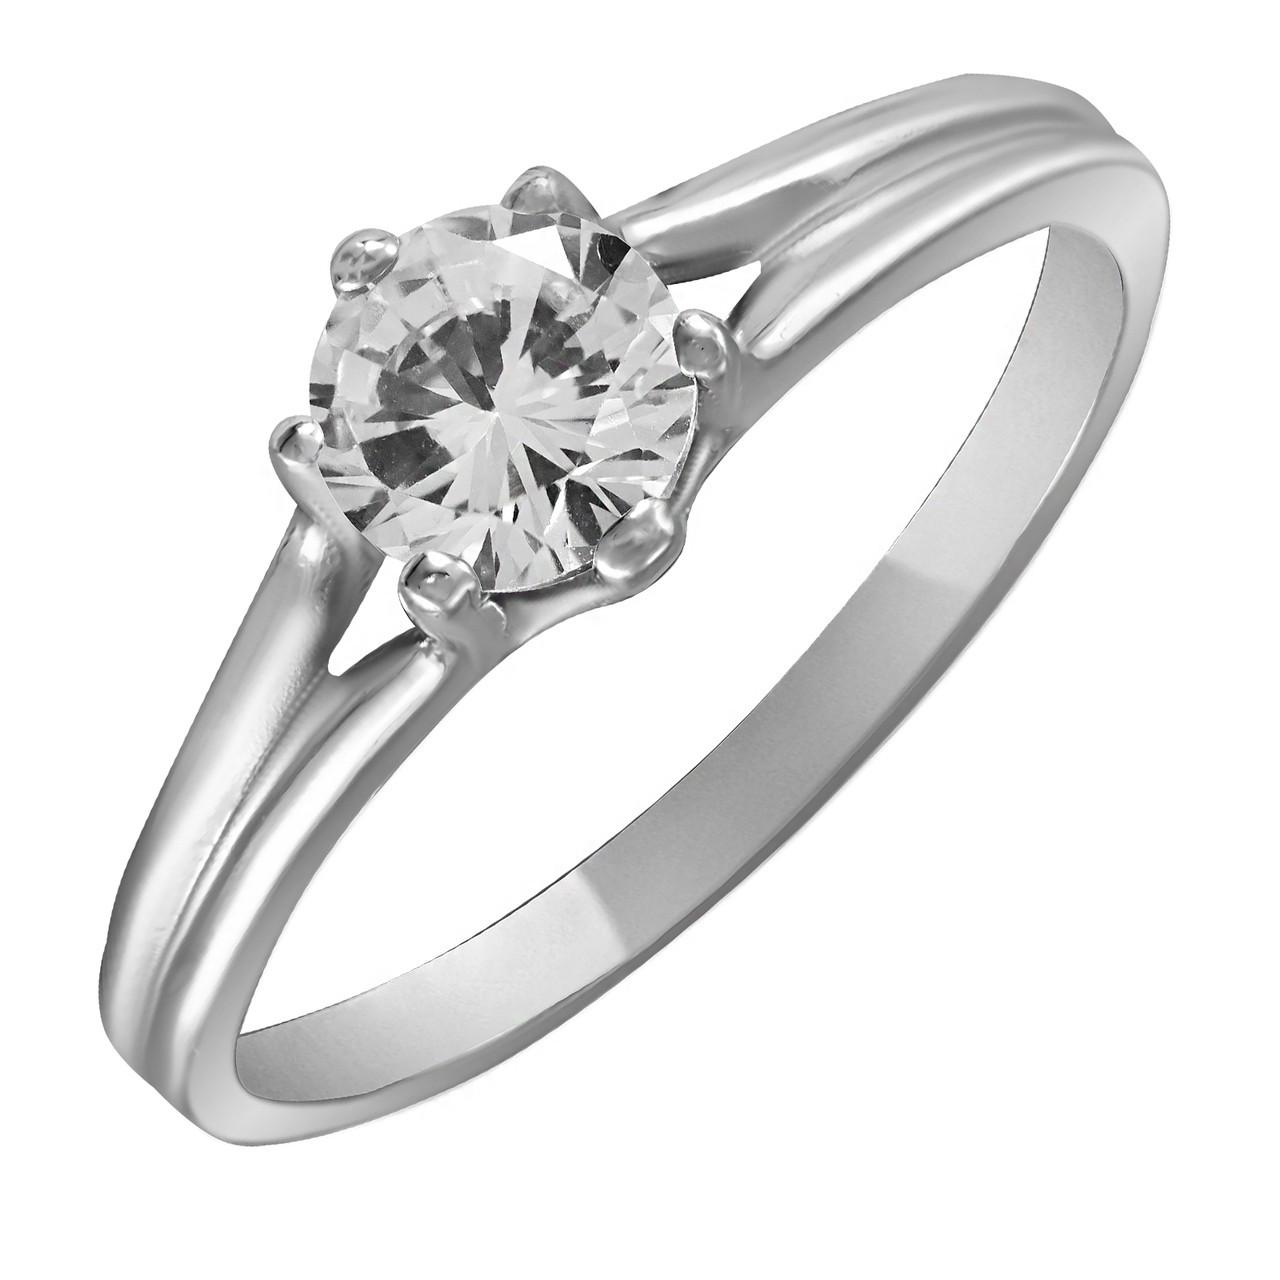 Кольцо из серебра с кубическим цирконием Twiddle Jewelry 17.5 размер (К017-17.5)